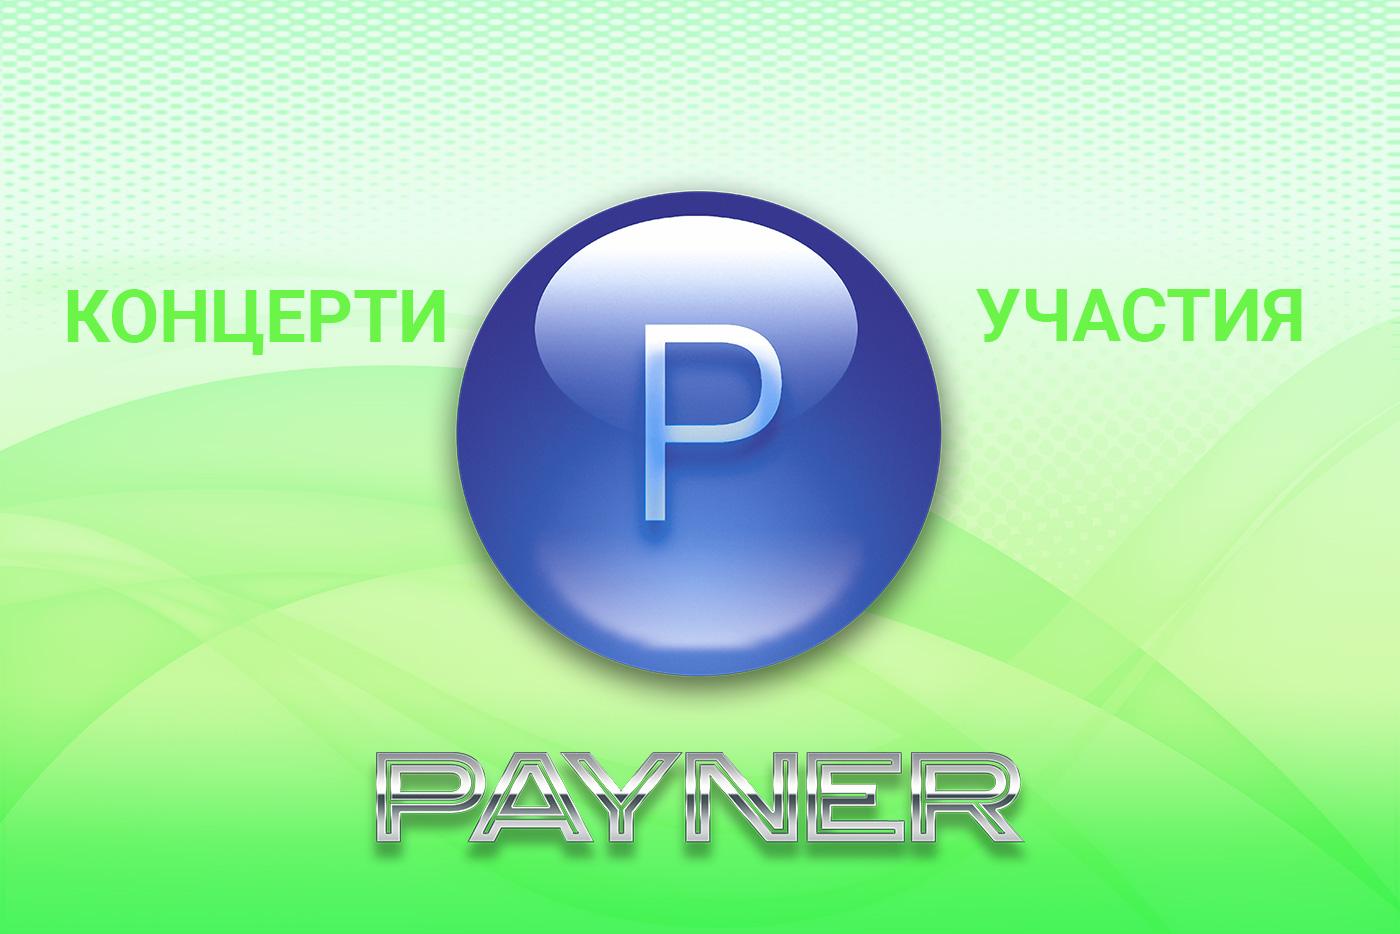 """Участия на звездите на """"Пайнер"""" на 16.07.2020"""